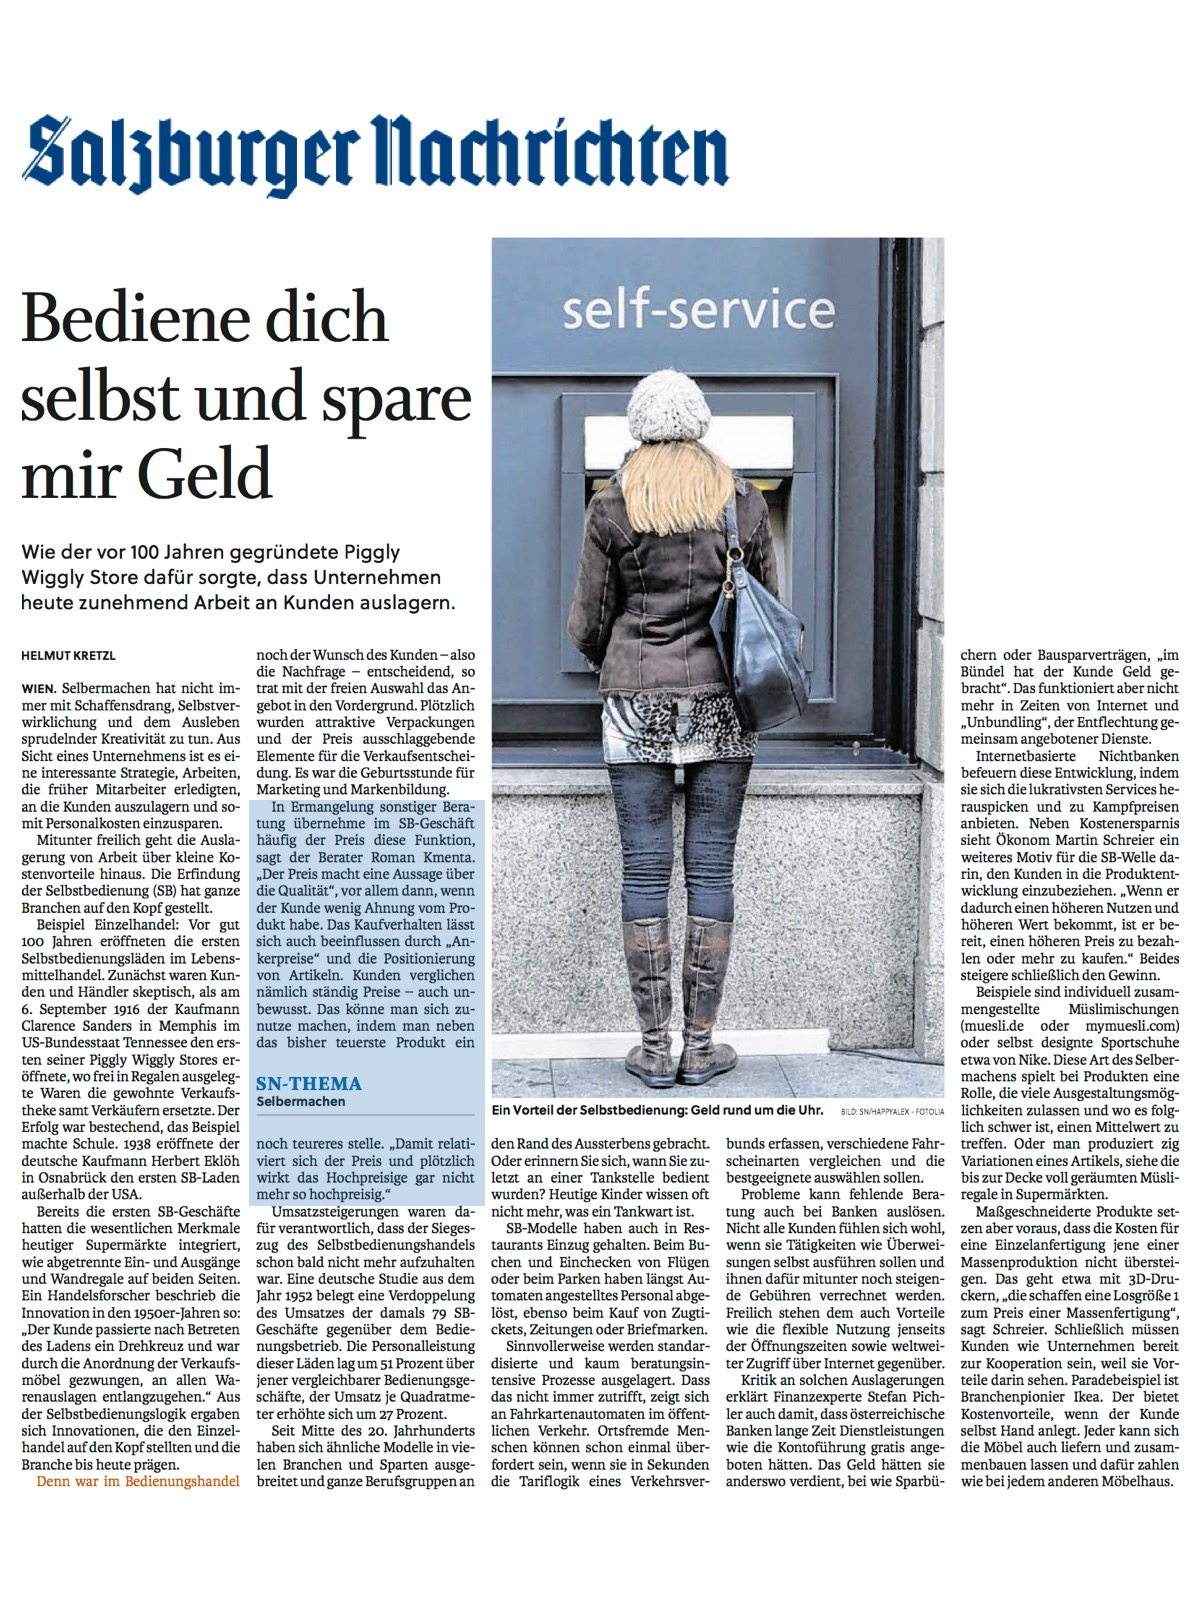 Salzburger Nachrichten - Artikel Selbstbedienung - 01/2017 - Roman Kmenta - Vortragsredner und Autor